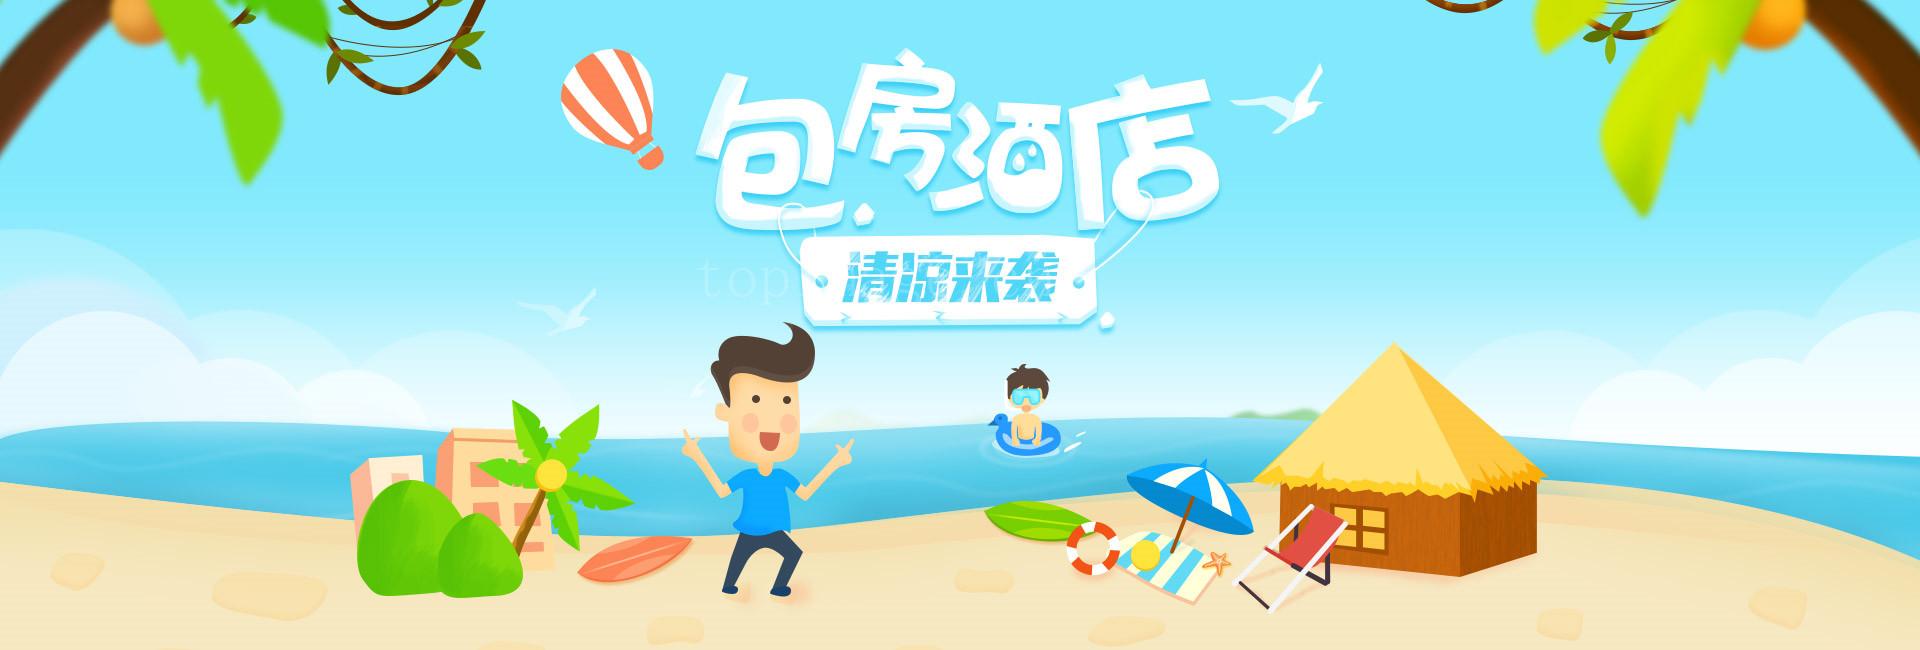 夏日度假清凉一夏卡通矢量素材banner海报下载